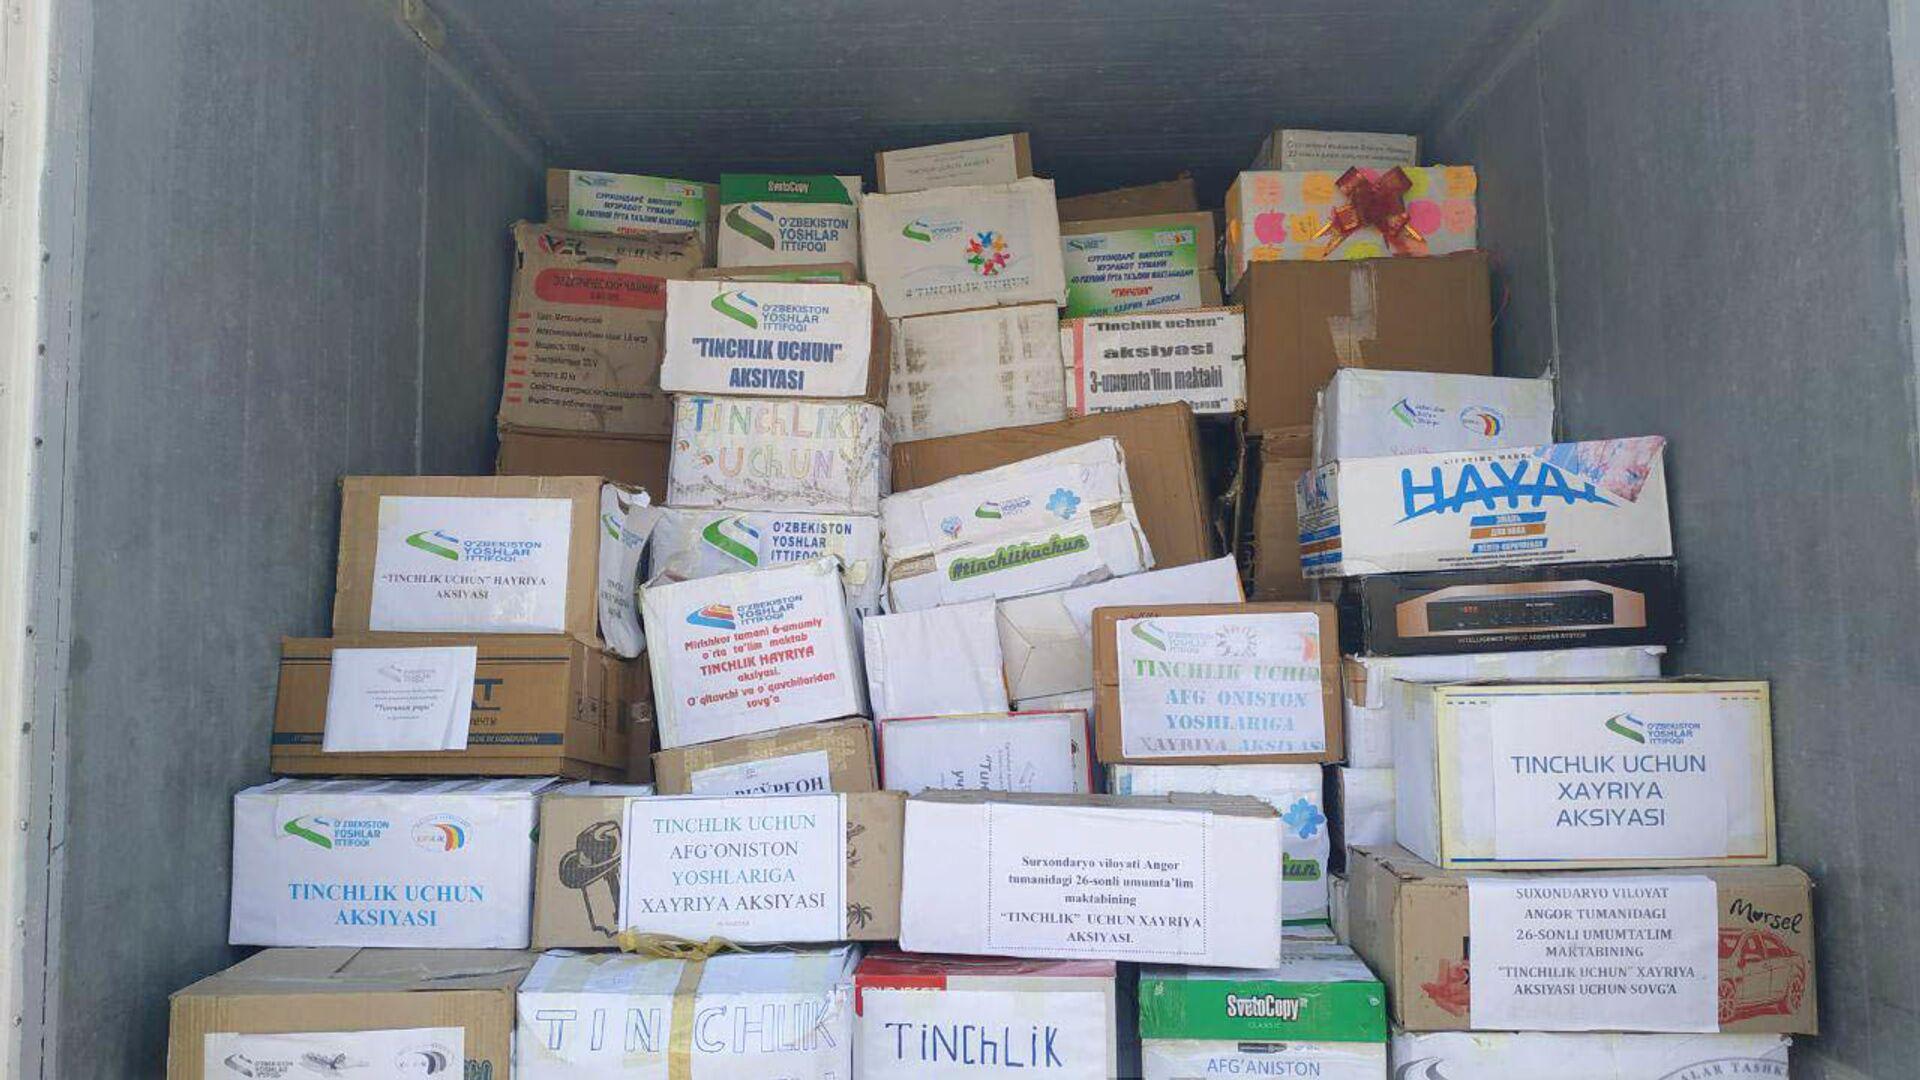 В Афганистан доставлен гуманитарный груз из Узбекистана - Sputnik Узбекистан, 1920, 27.09.2021